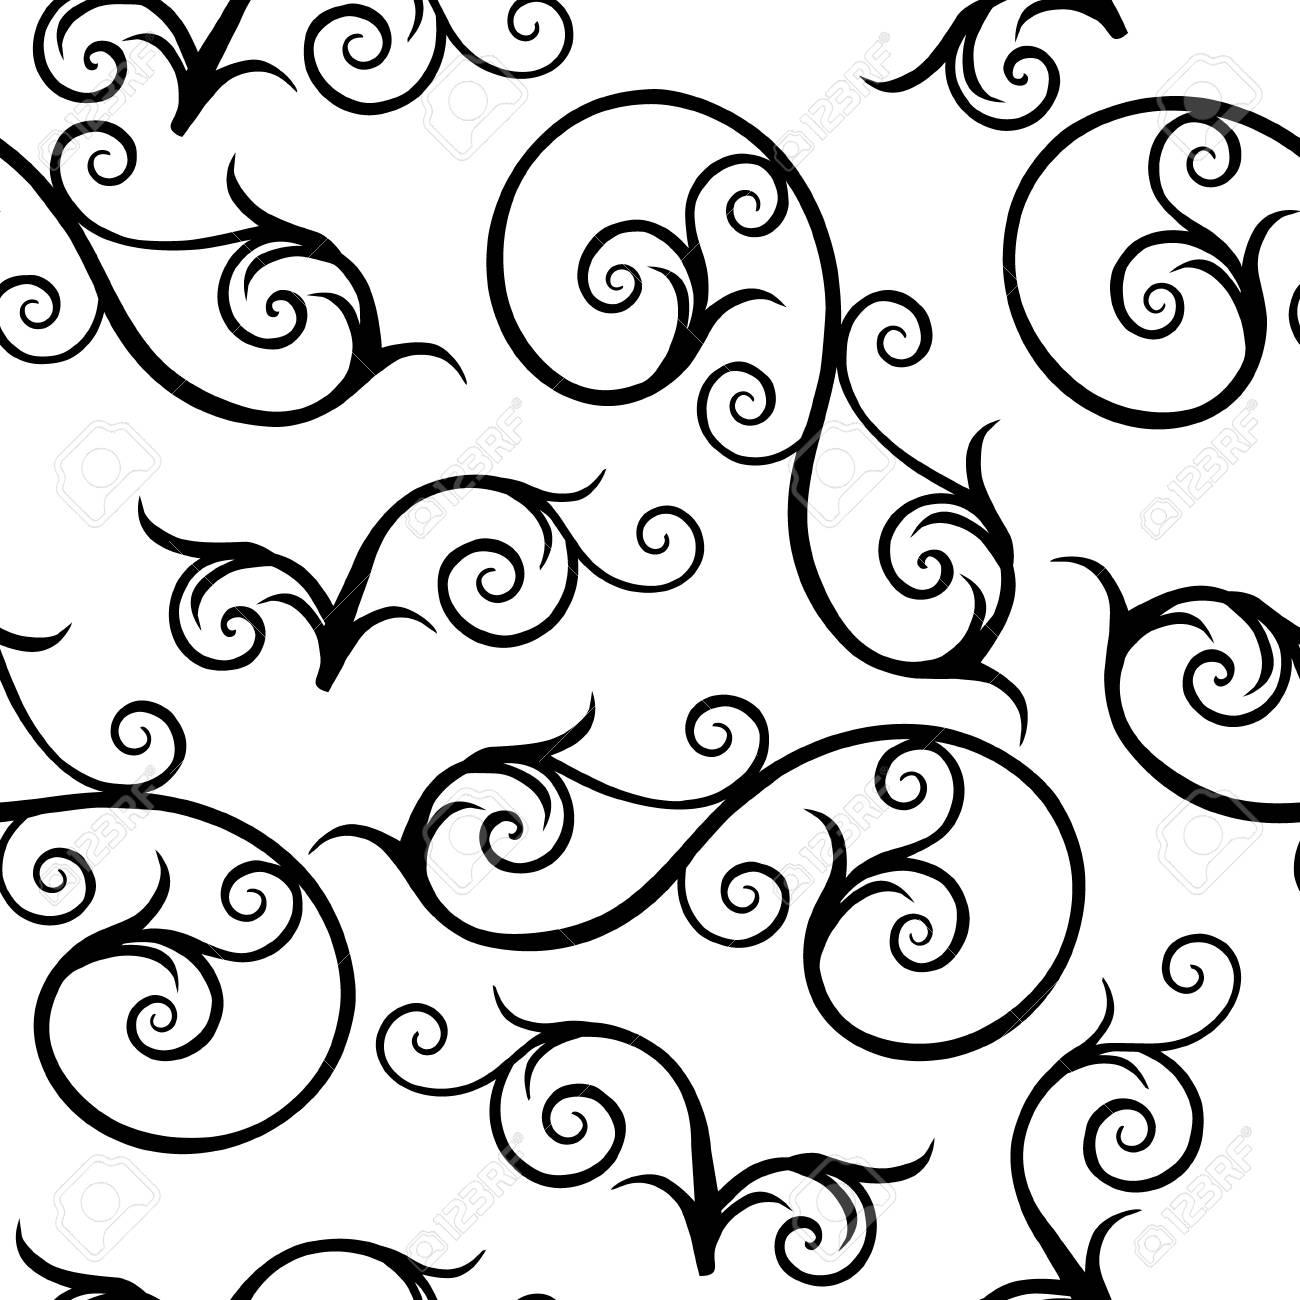 Vintage frame border design Line Holiday Card Elegant Design Vintage Frames Borders And Other Decorative Elements Templates 123rfcom Holiday Card Elegant Design Vintage Frames Borders And Other